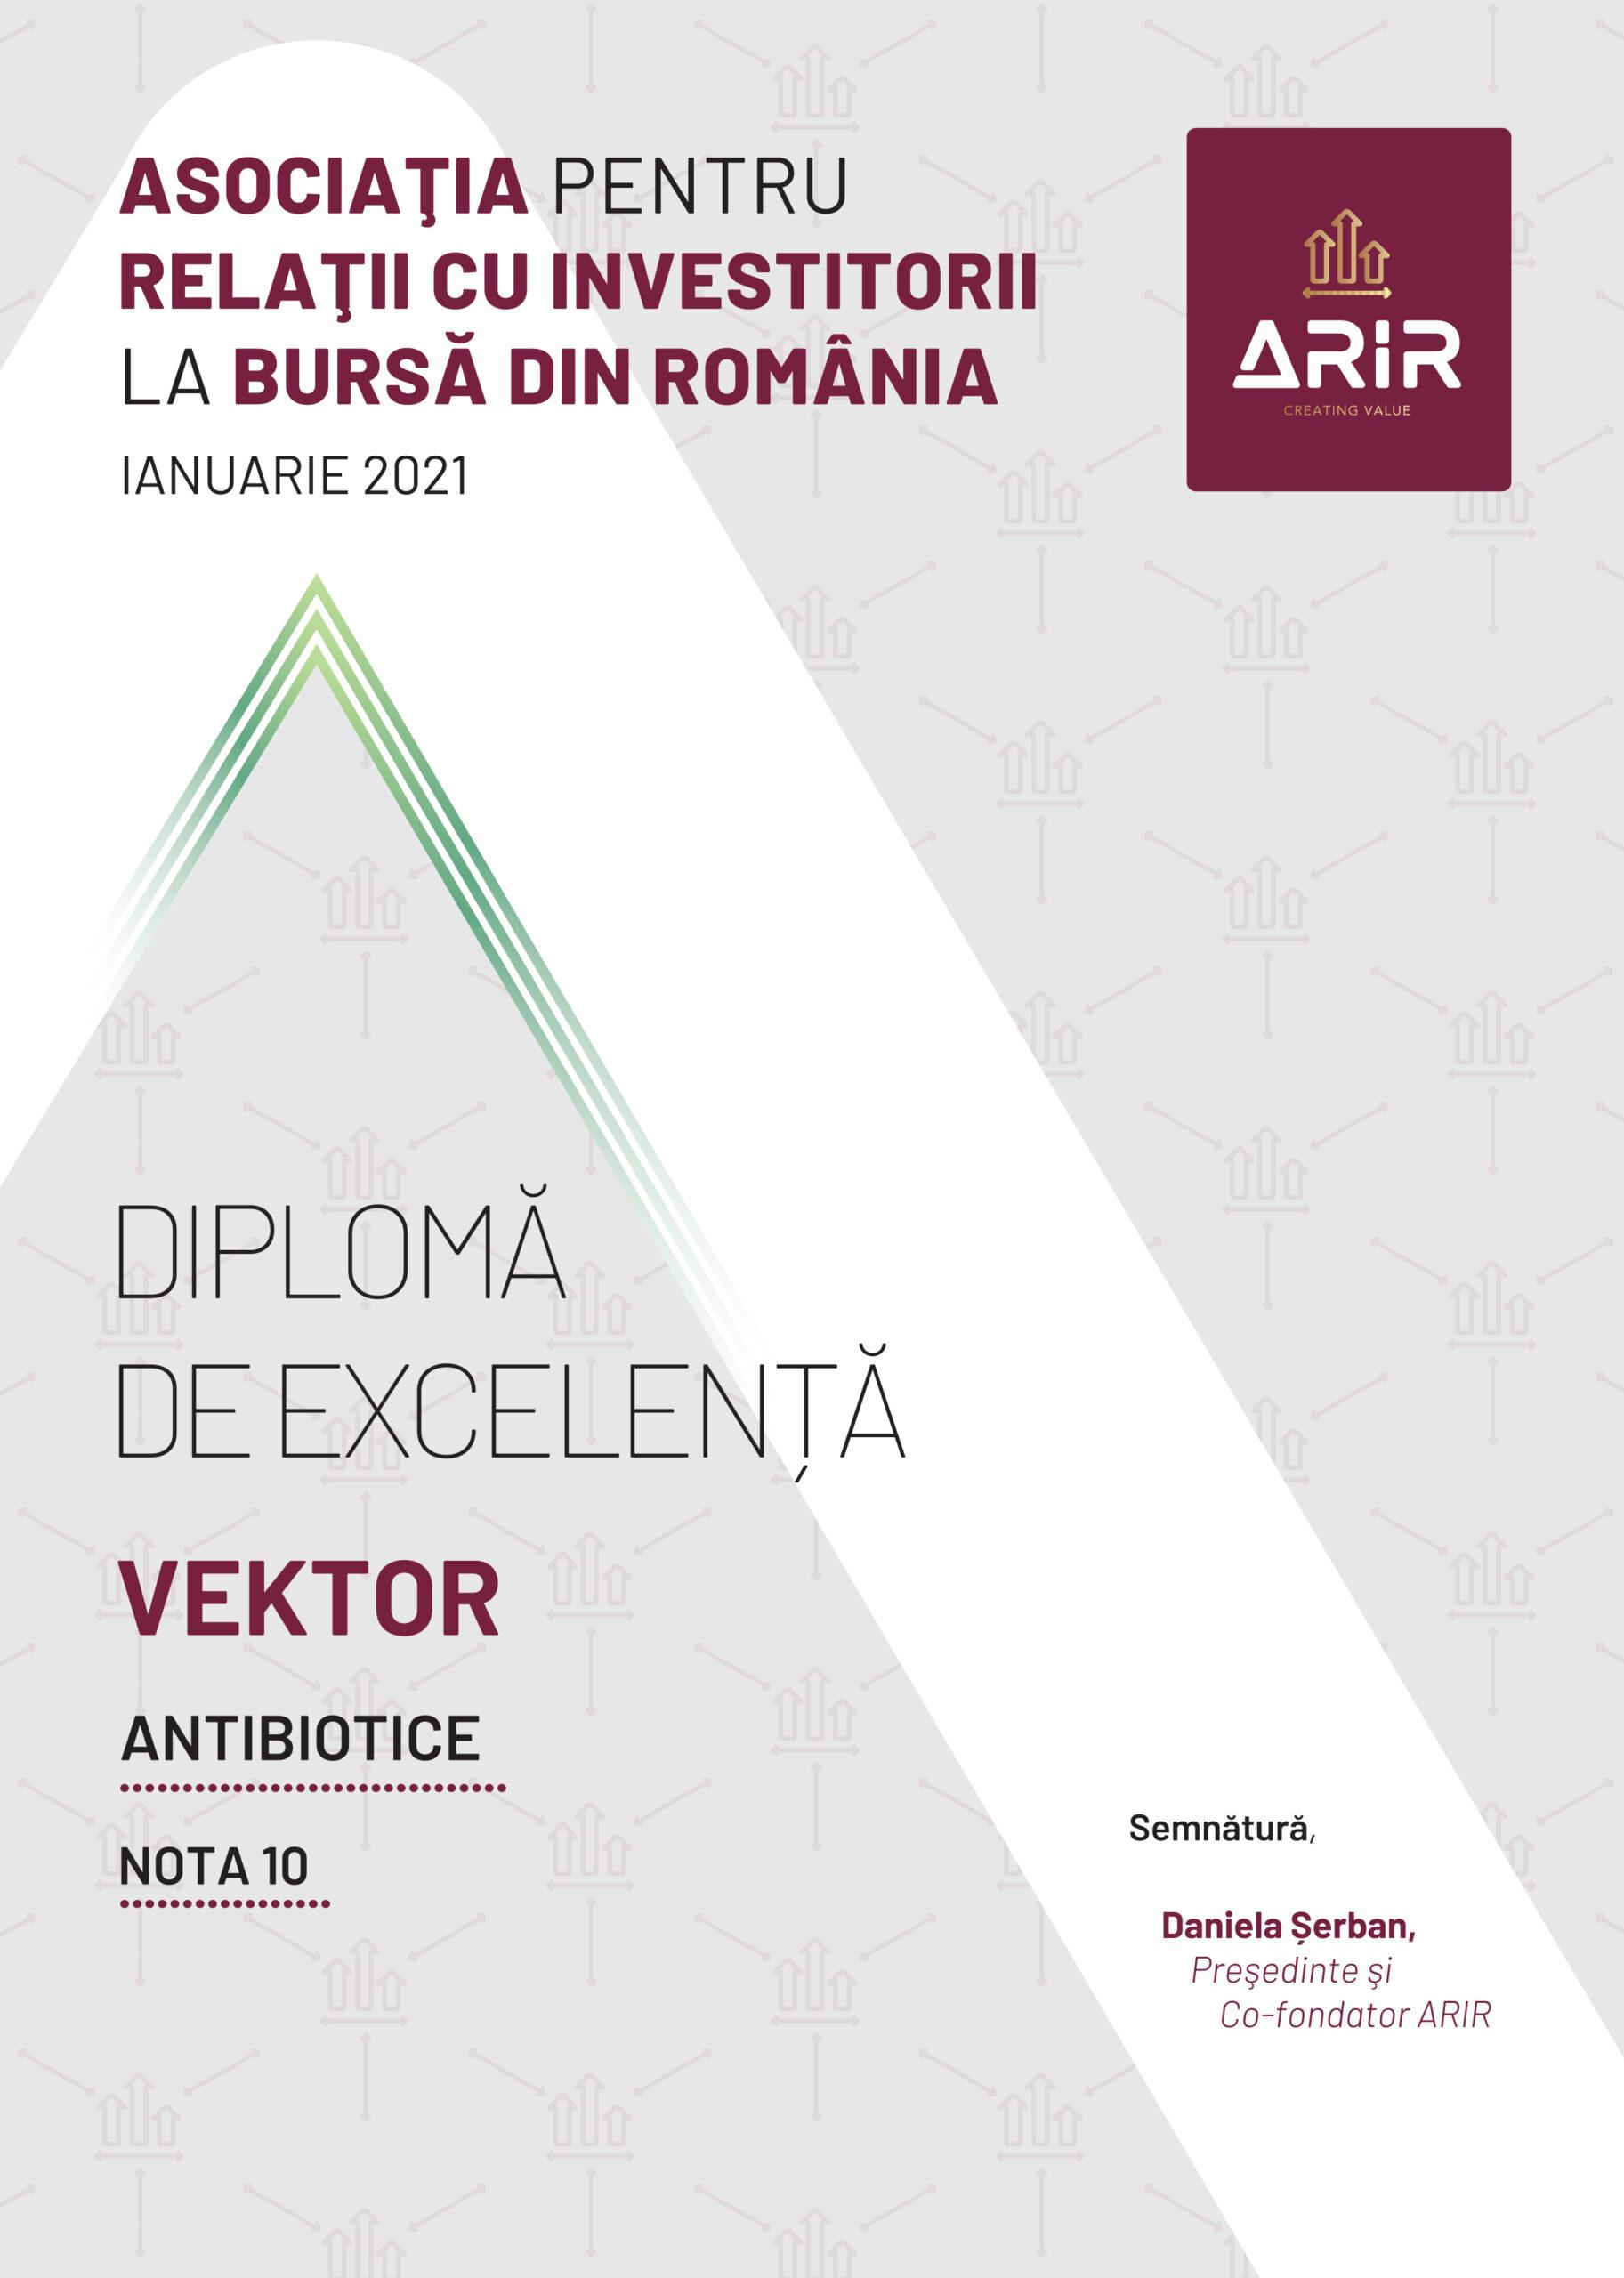 Antibiotice Iași a obținut nota 10 pentru comunicarea cu investitorii